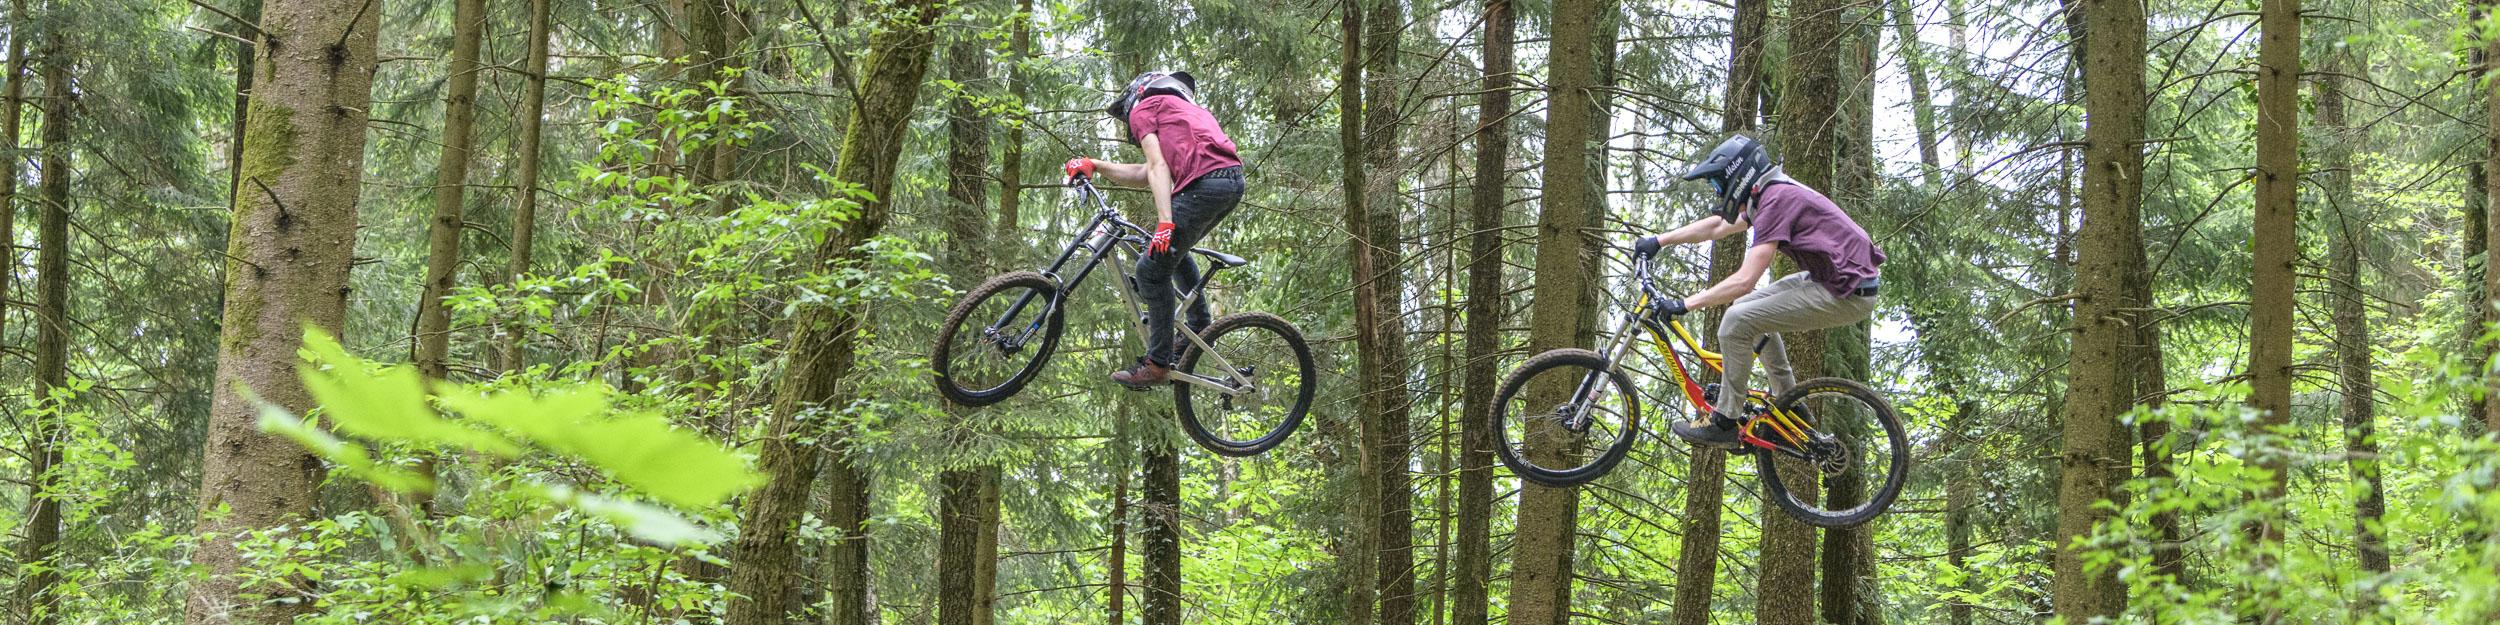 Jump-Session im Bike-Park